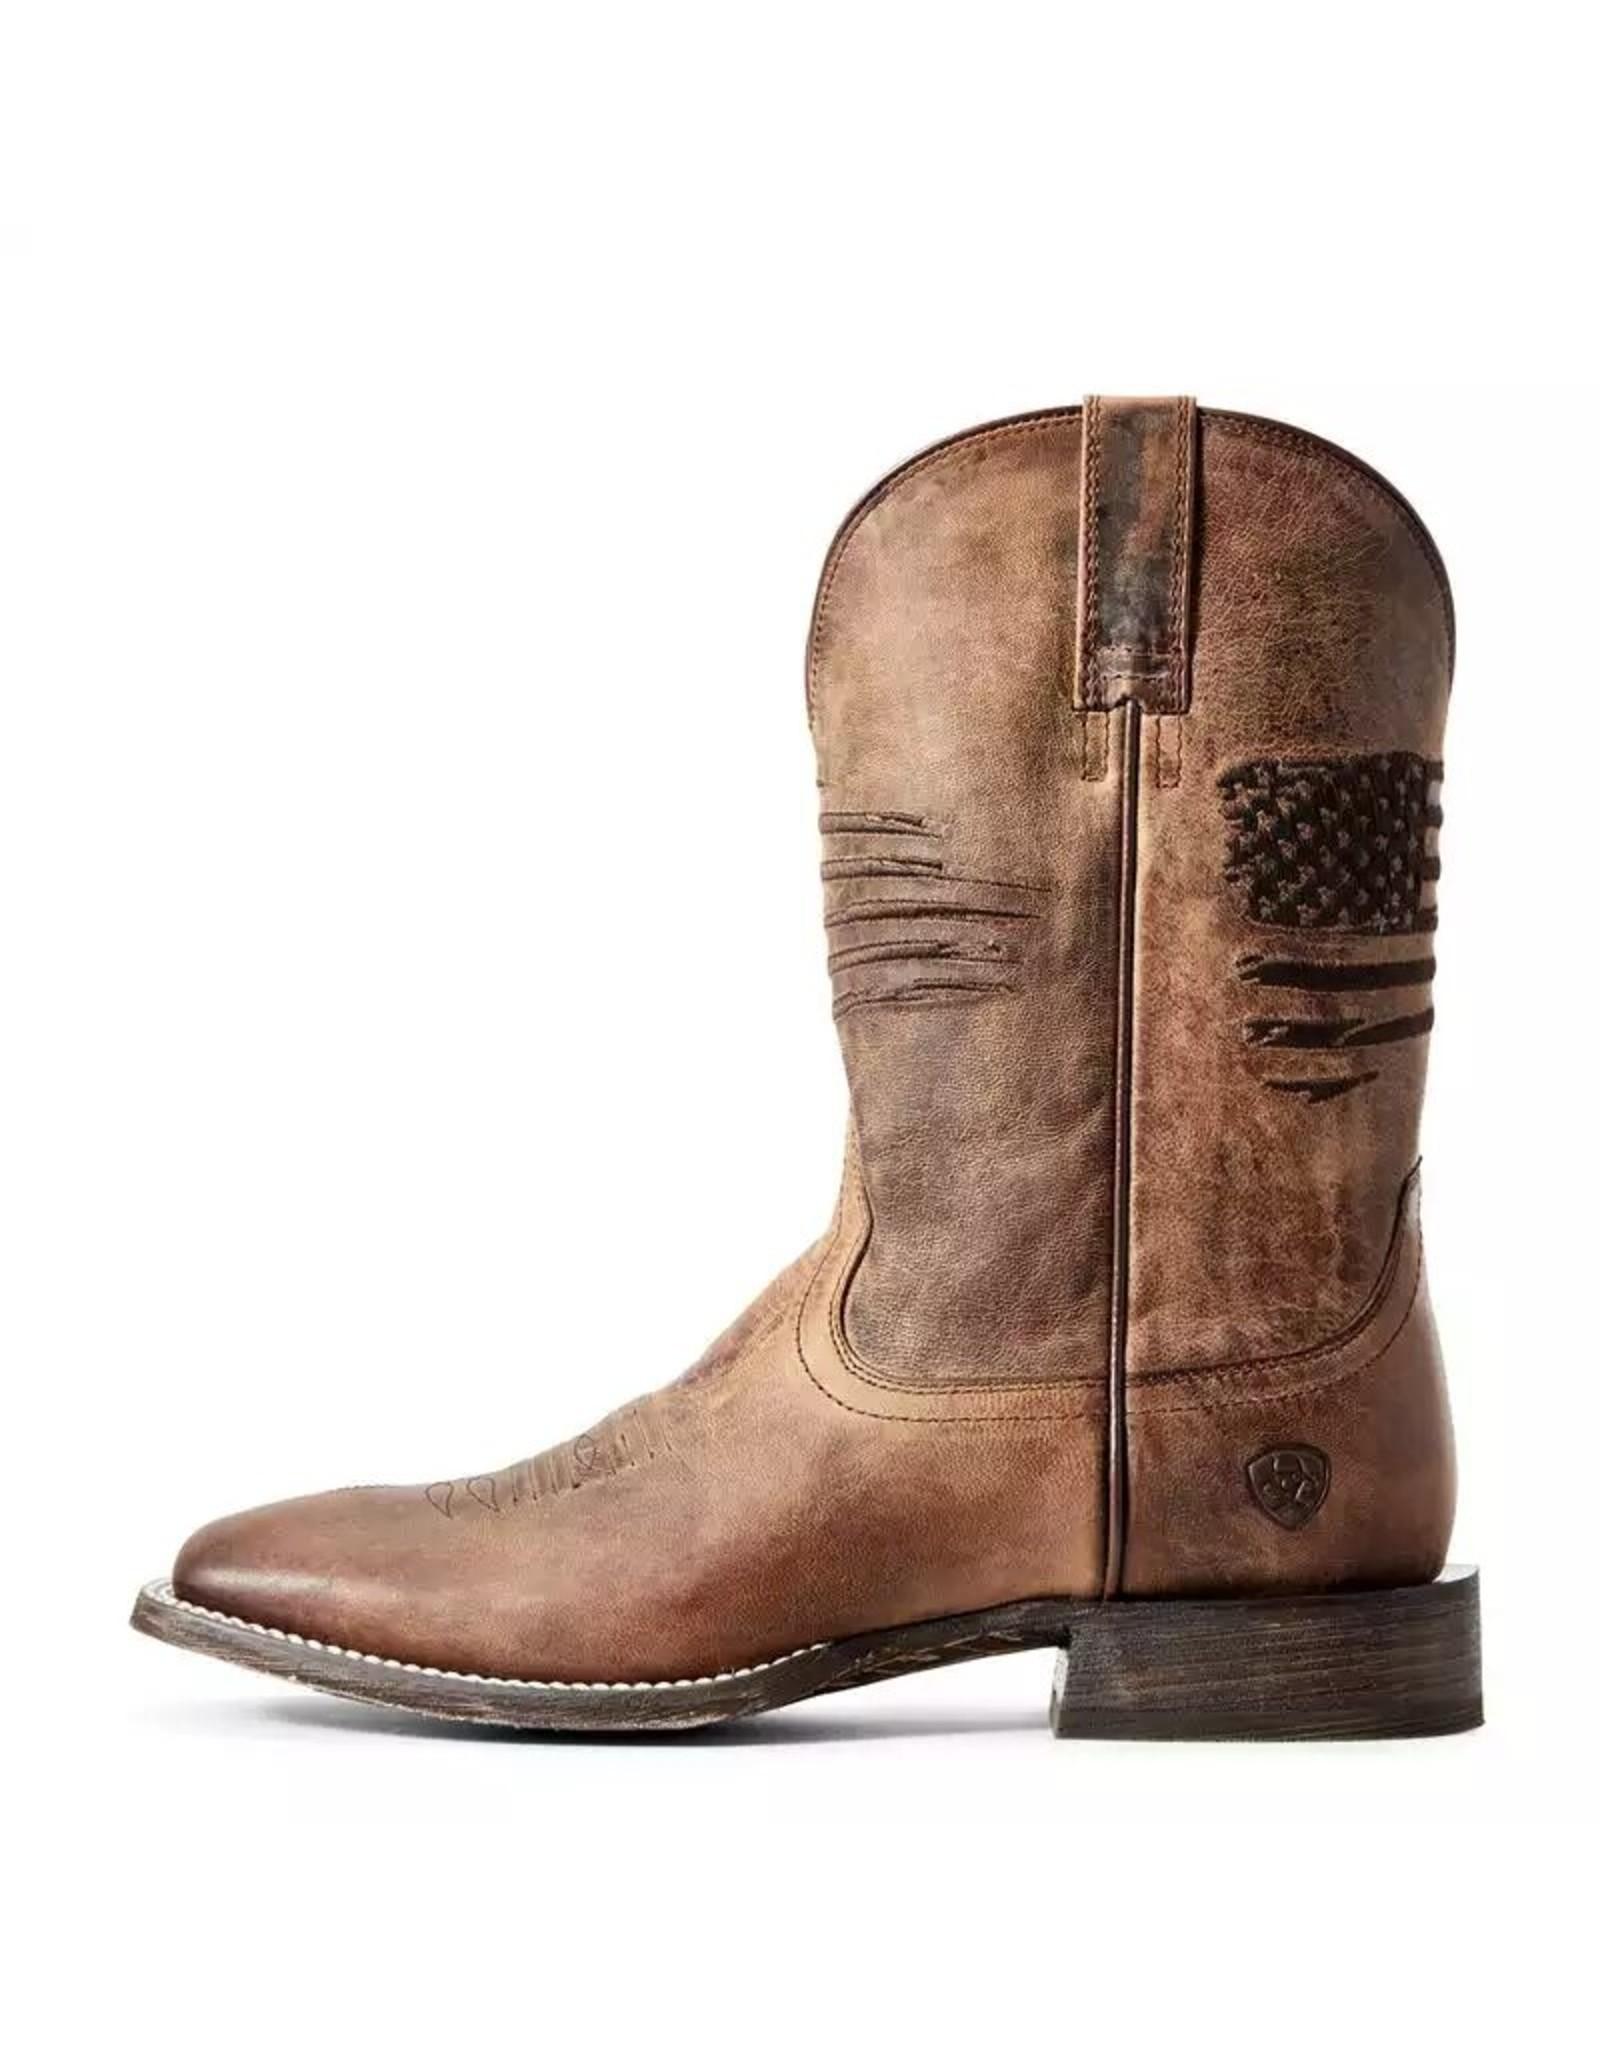 Boots-Men ARIAT Circuit Patriot 10029699